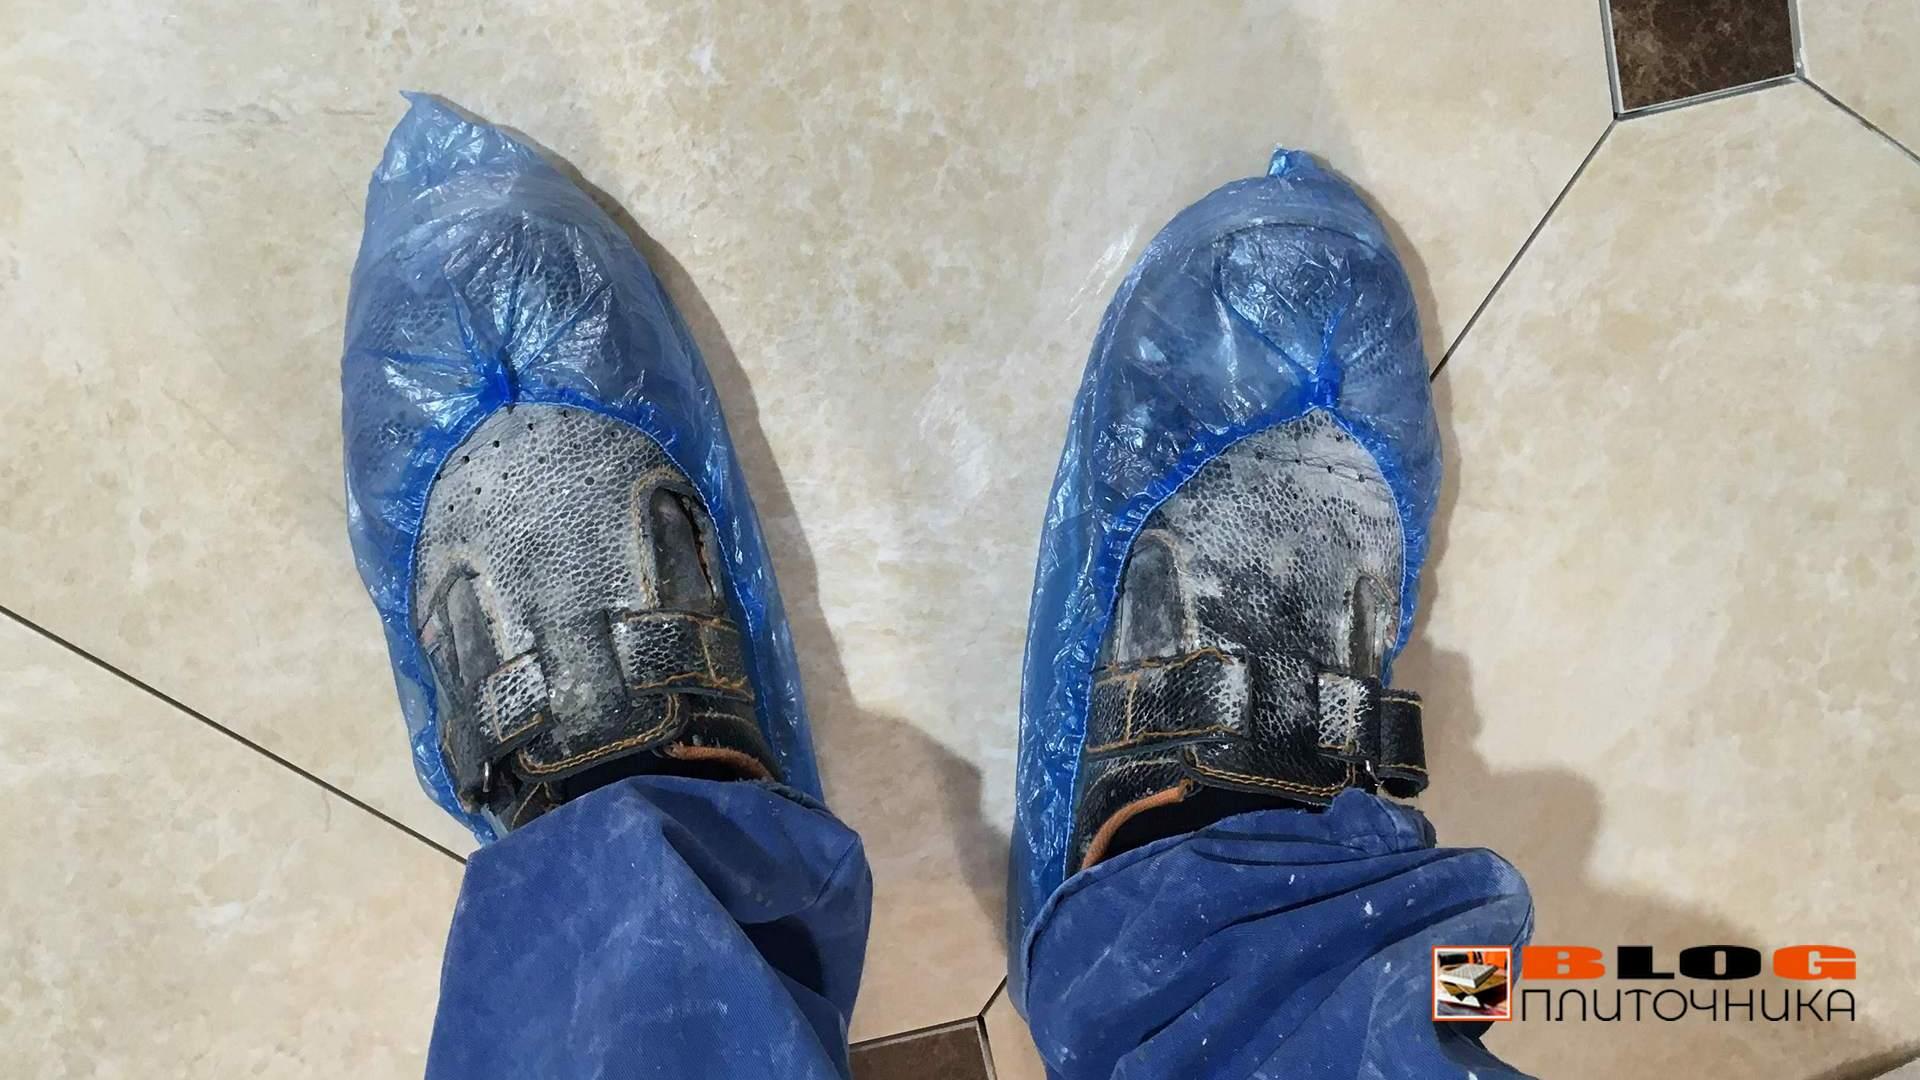 бахилы для плиточника для ног при затирке пола блог плиточника